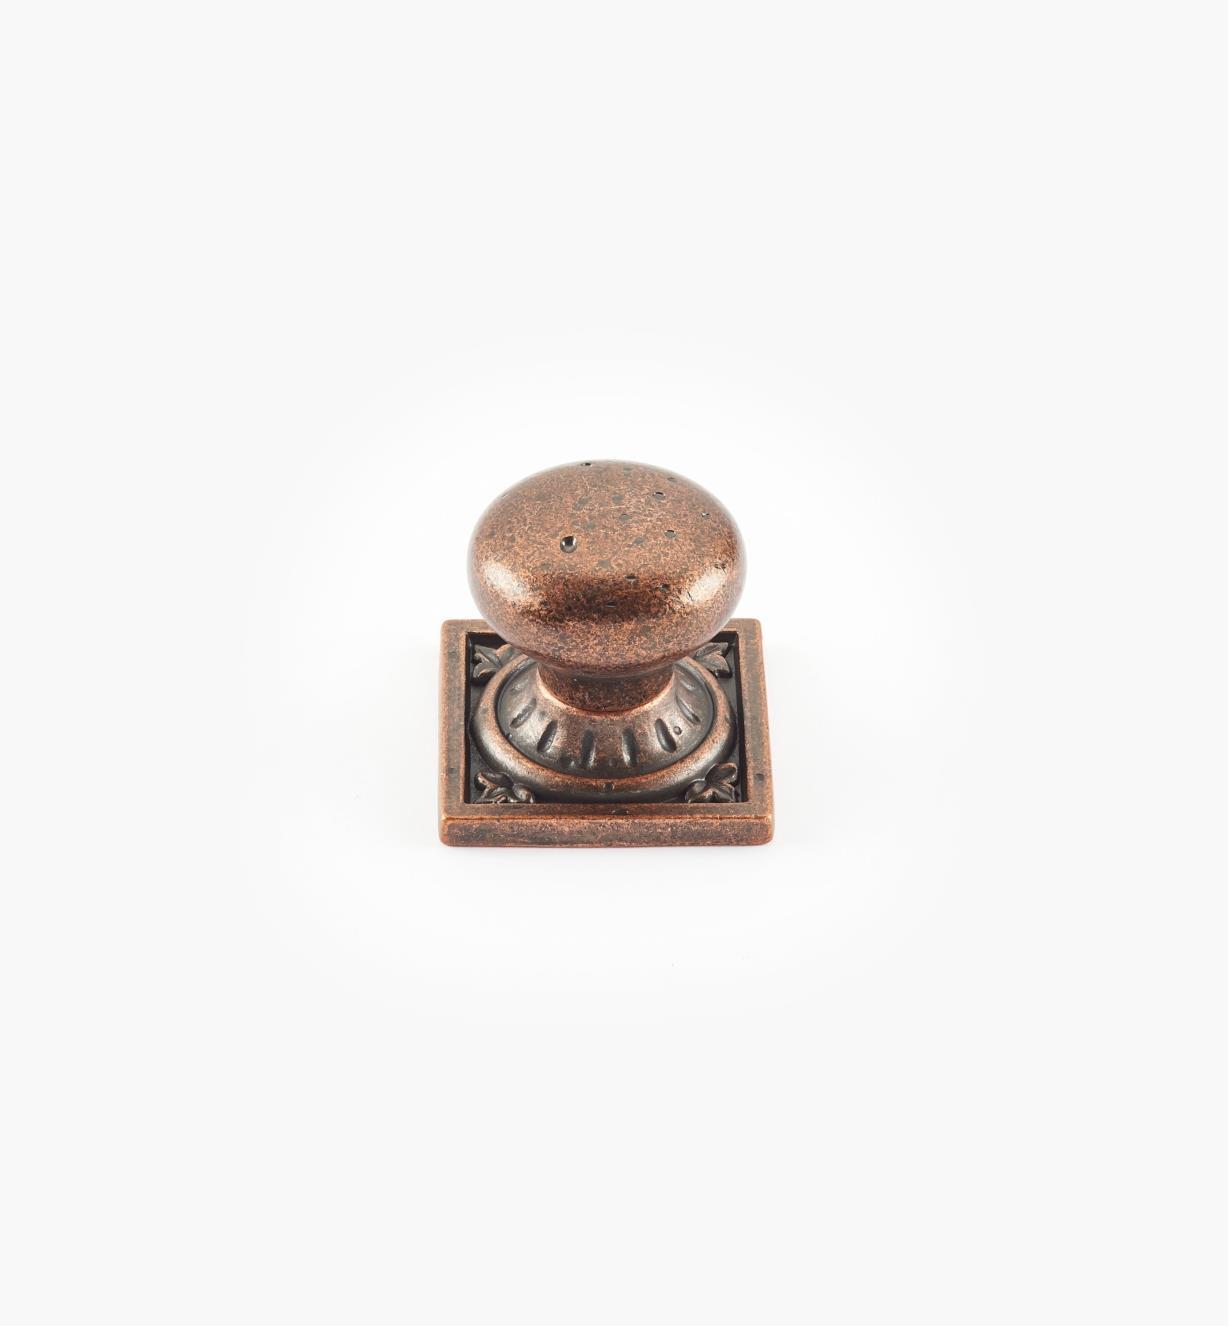 """02A2613 - Ambrosia 1 1/4"""" x 1 1/4"""" Rich Bronze Square Knob"""